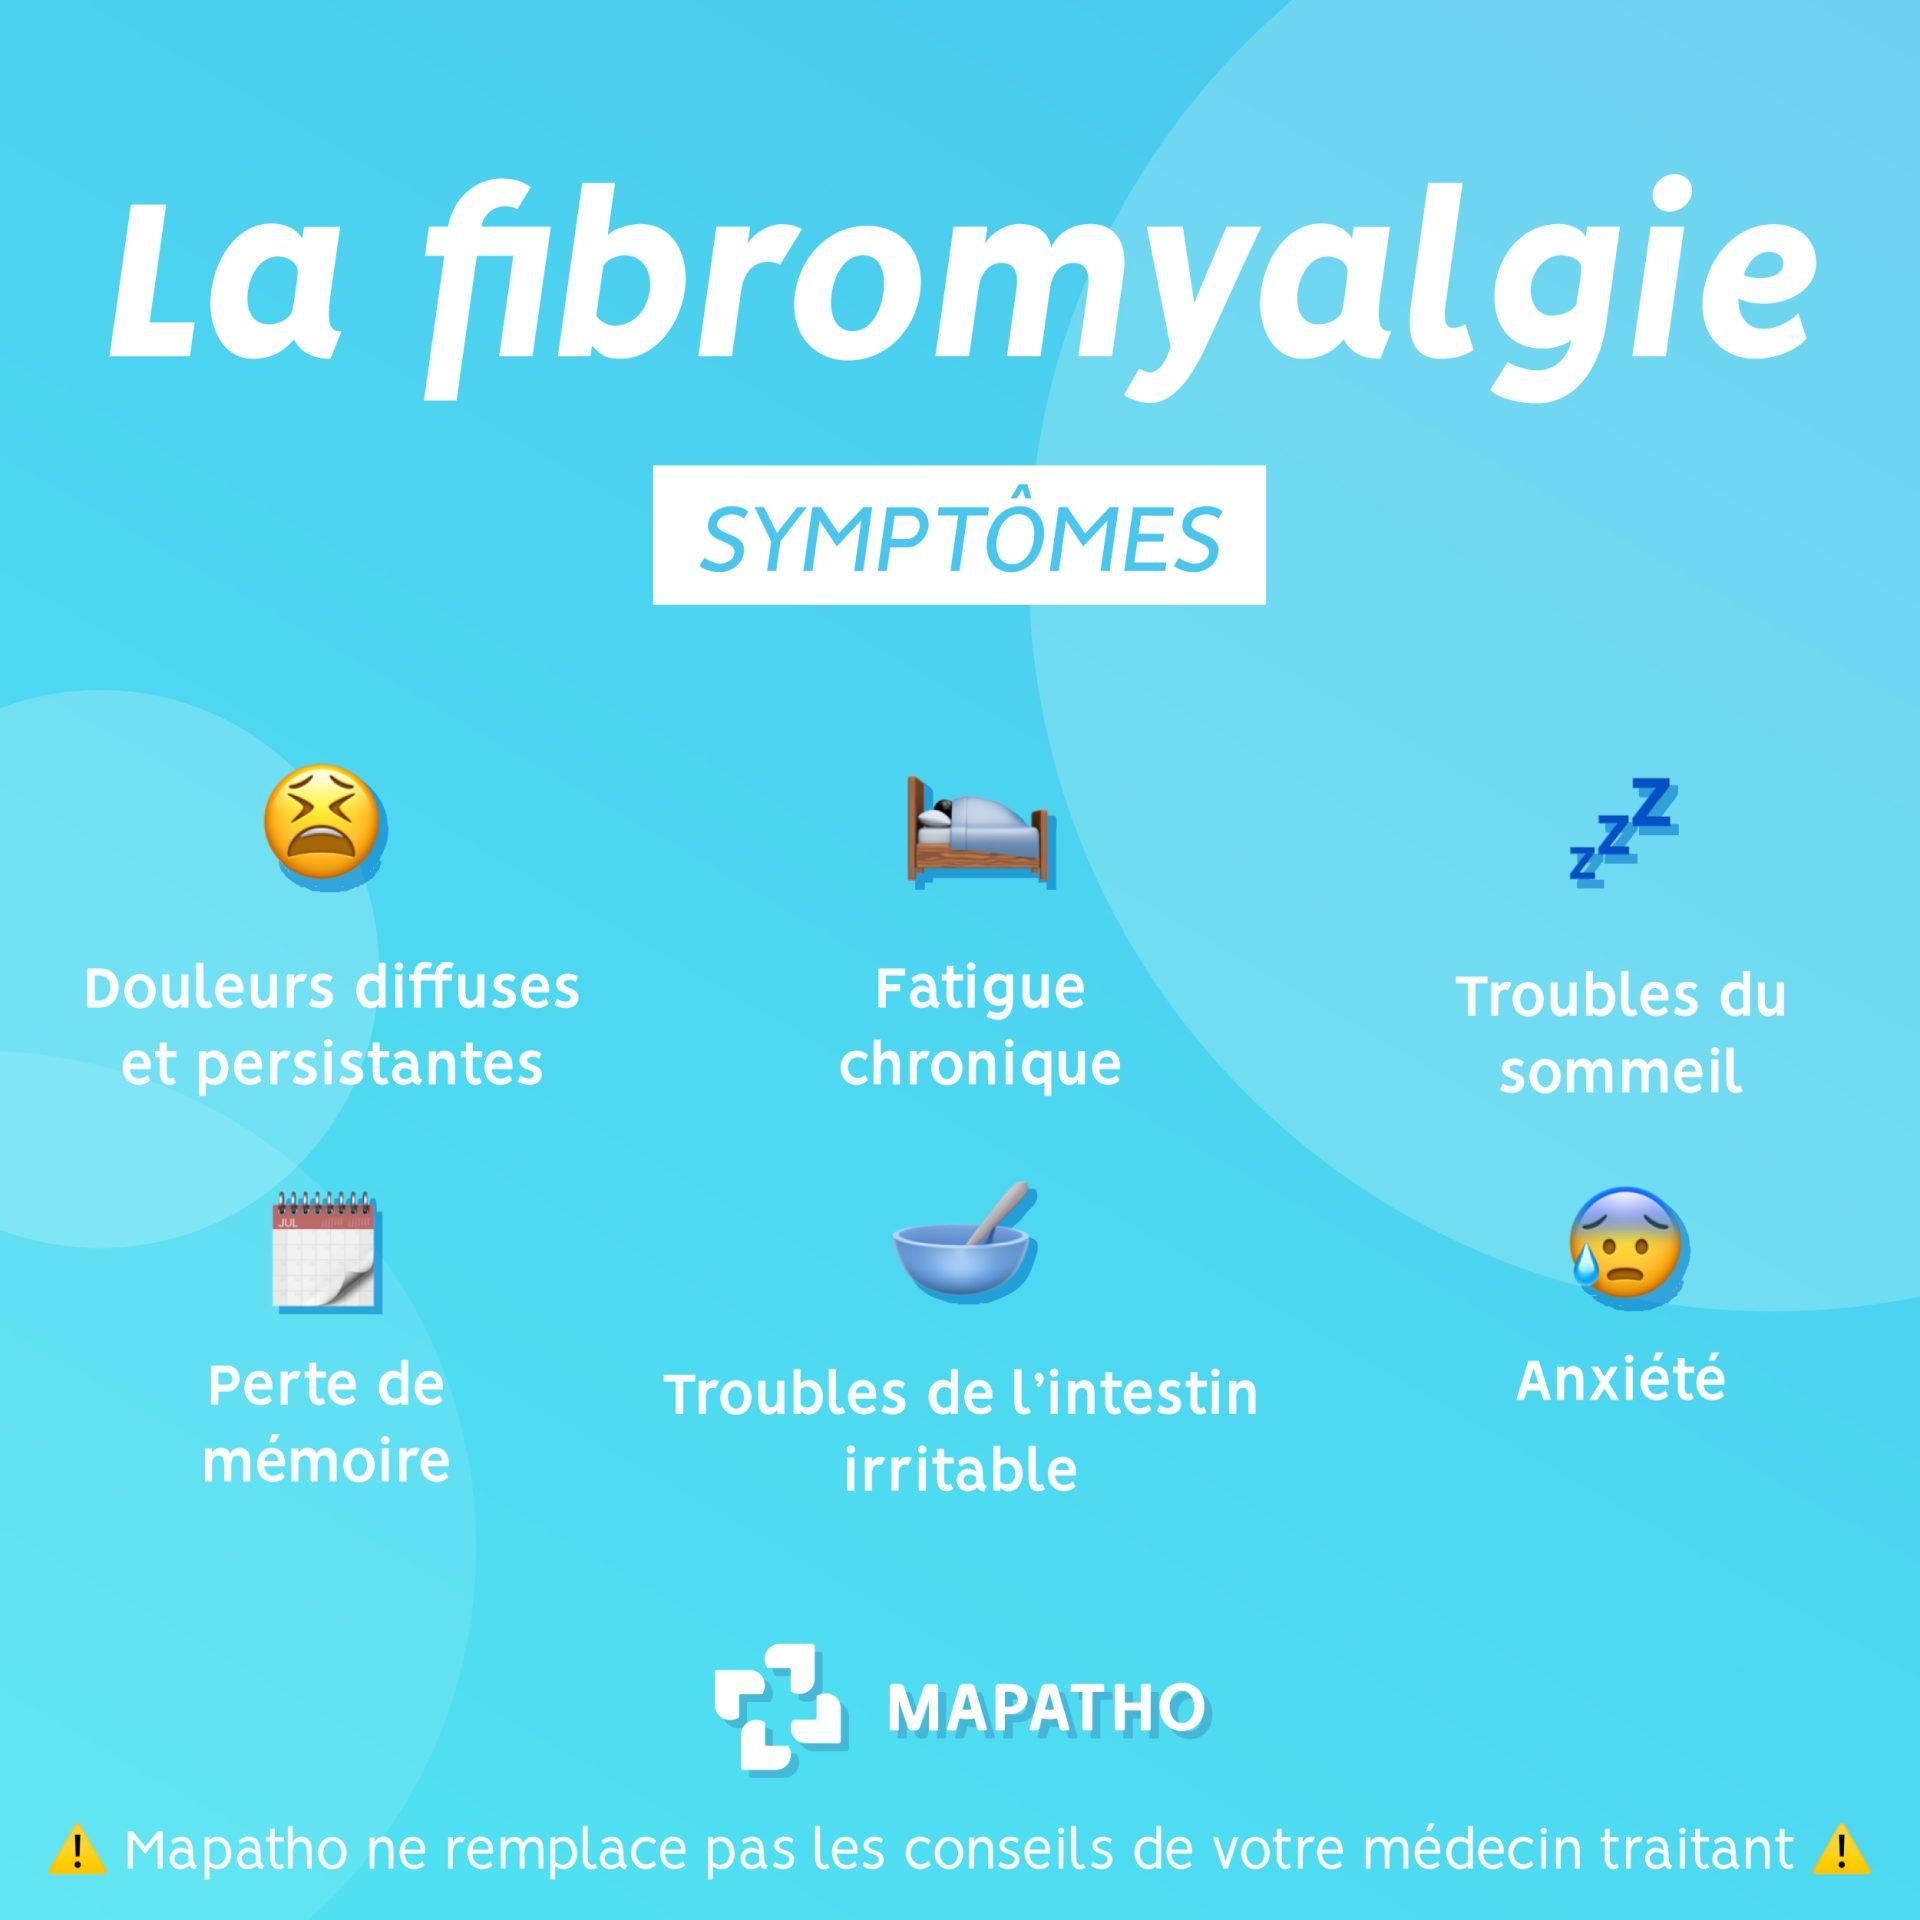 Iconographie des symptomes de la fibromyalgie